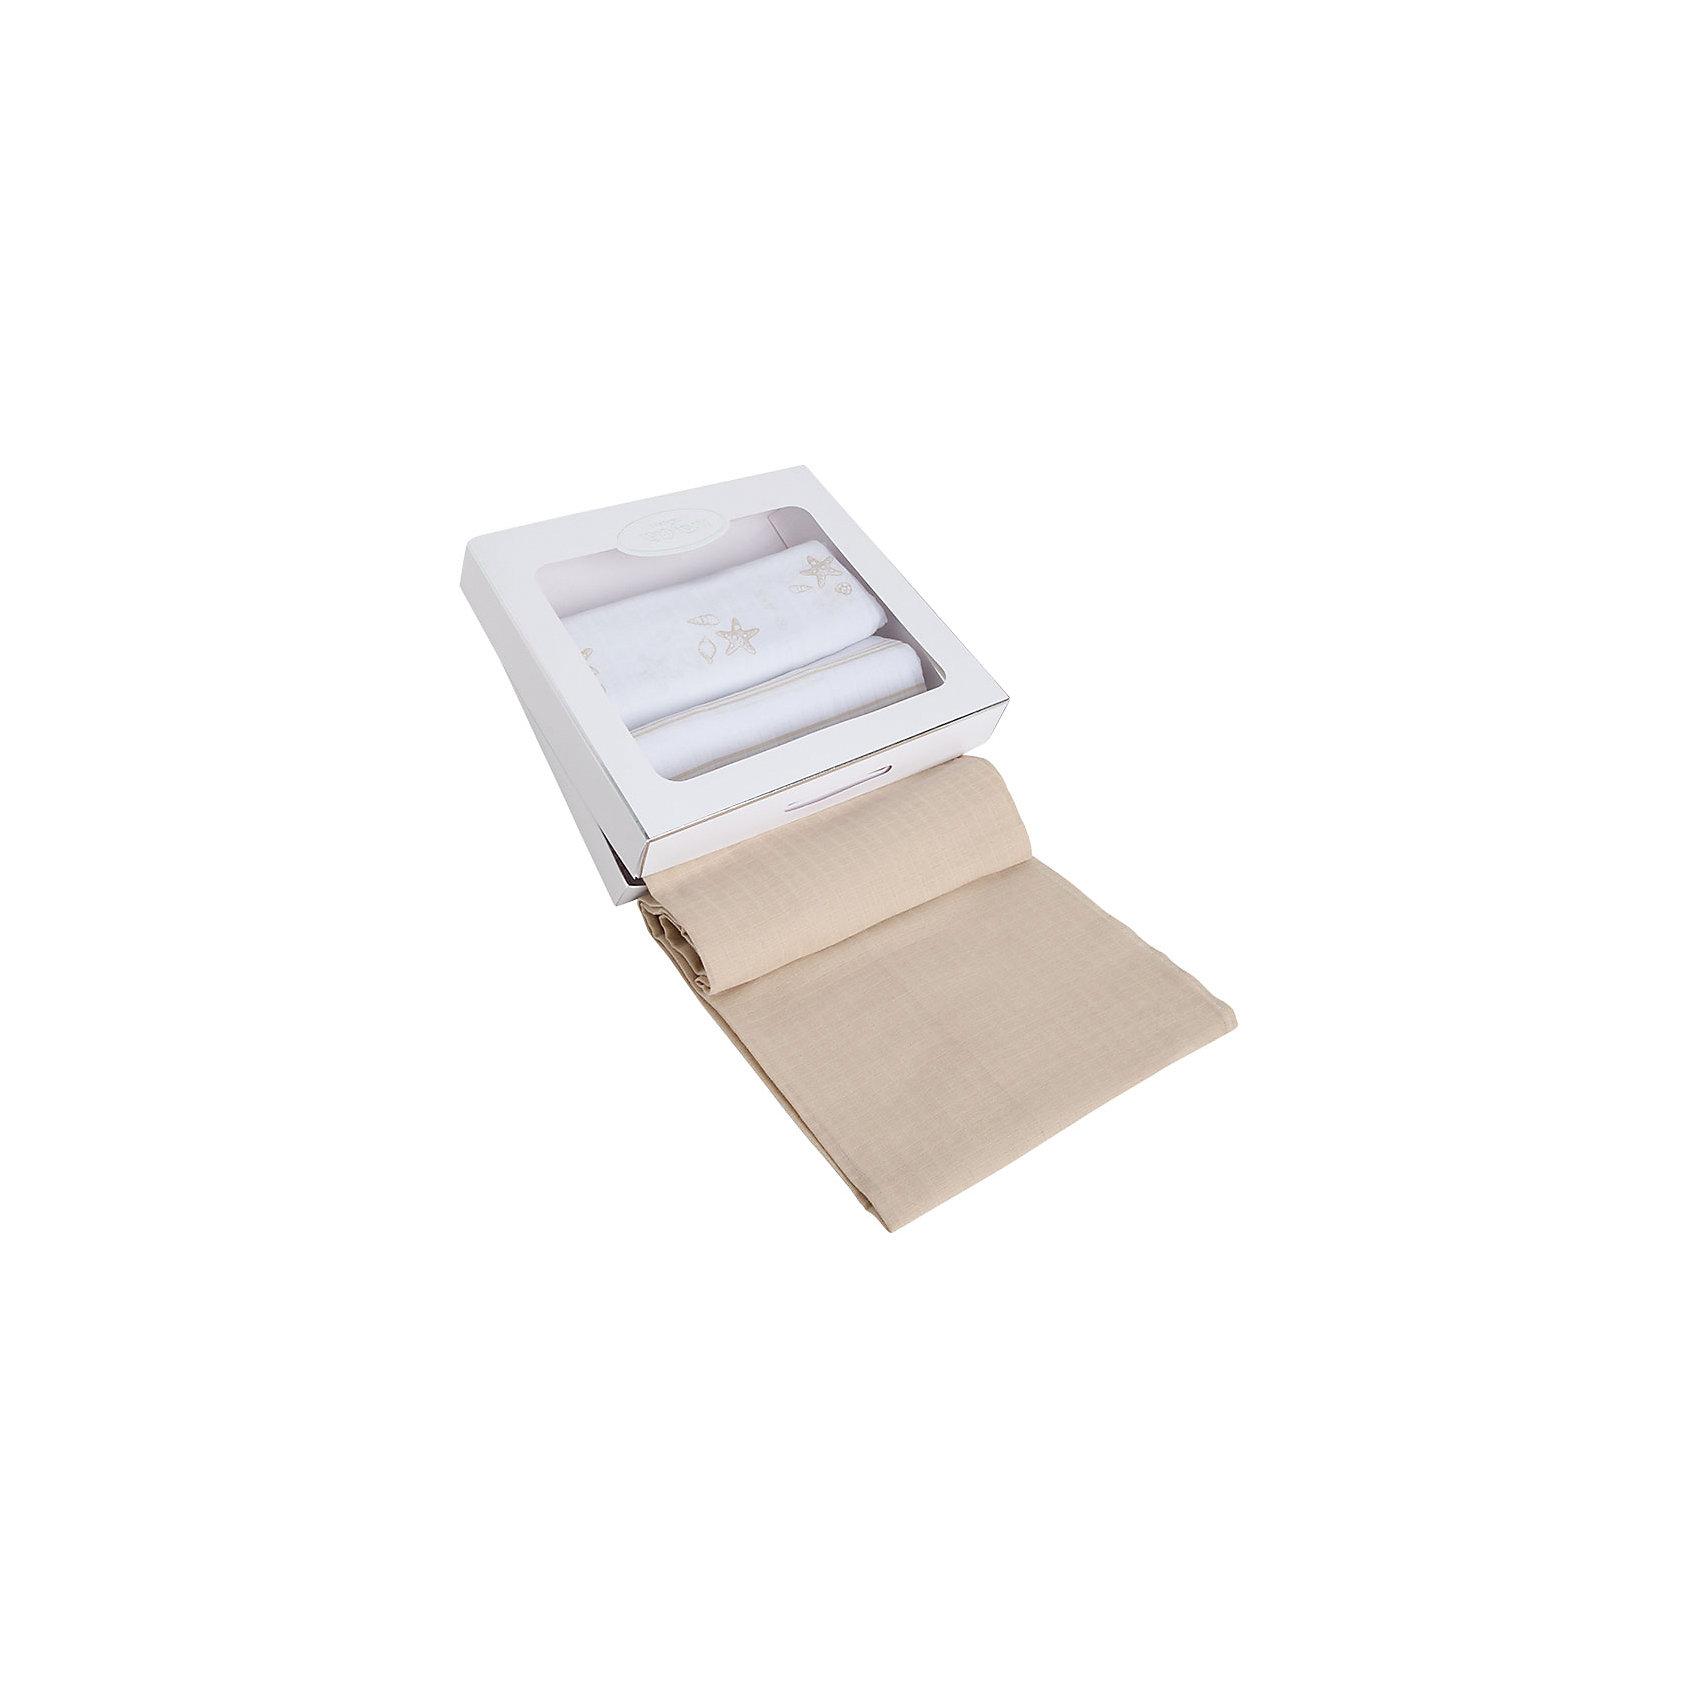 Набор салфеток, 3 шт. MayoralНабор из 3-х салфеток от испанской марки Mayoral.<br><br>Дополнительная информация:<br><br>- Мягкая, приятная к телу ткань. <br>- Красивая подарочная упаковка. <br>- 3 расцветки и дизайна в наборе.<br>- В клетку, однотонная, с нежным принтом. <br>- Состав:  100% хлопок.<br><br>Набор салфетое, 3 шт. Mayoral (Майорал) можно купить в нашем магазине.<br><br>Ширина мм: 170<br>Глубина мм: 157<br>Высота мм: 67<br>Вес г: 117<br>Цвет: бежевый<br>Возраст от месяцев: 60<br>Возраст до месяцев: 120<br>Пол: Унисекс<br>Возраст: Детский<br>Размер: one size<br>SKU: 4539309